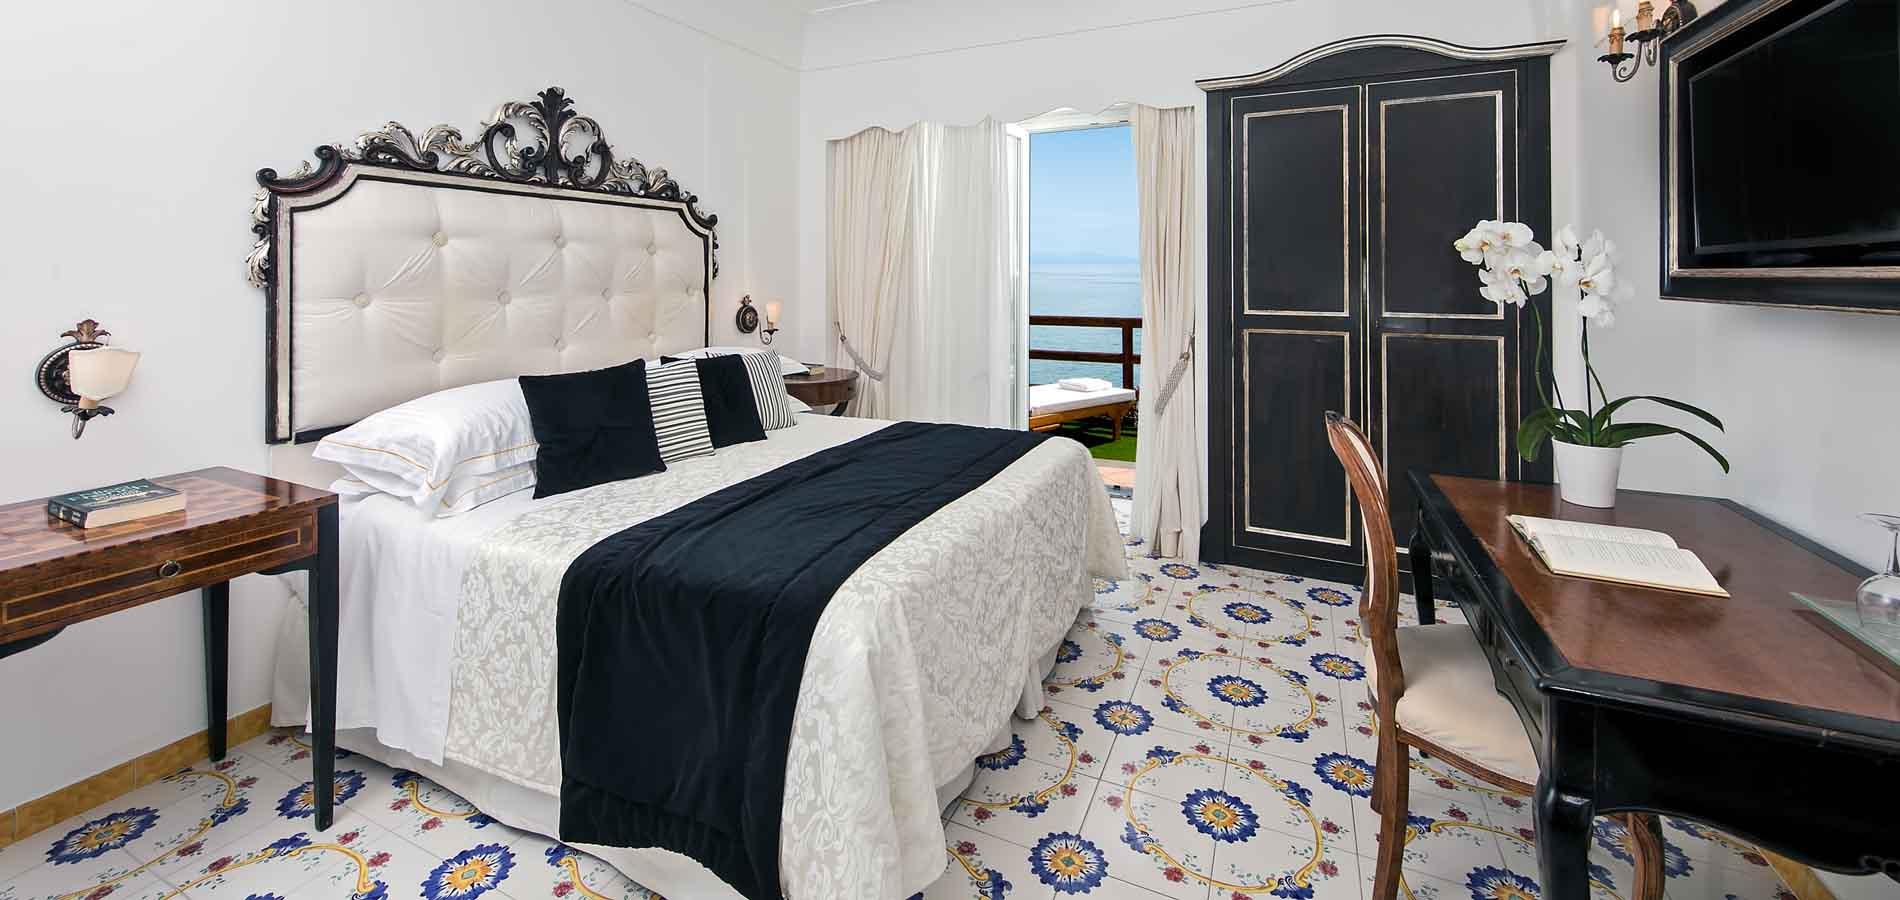 Amusing 60 Ceramic Tile Hotel Decoration Design